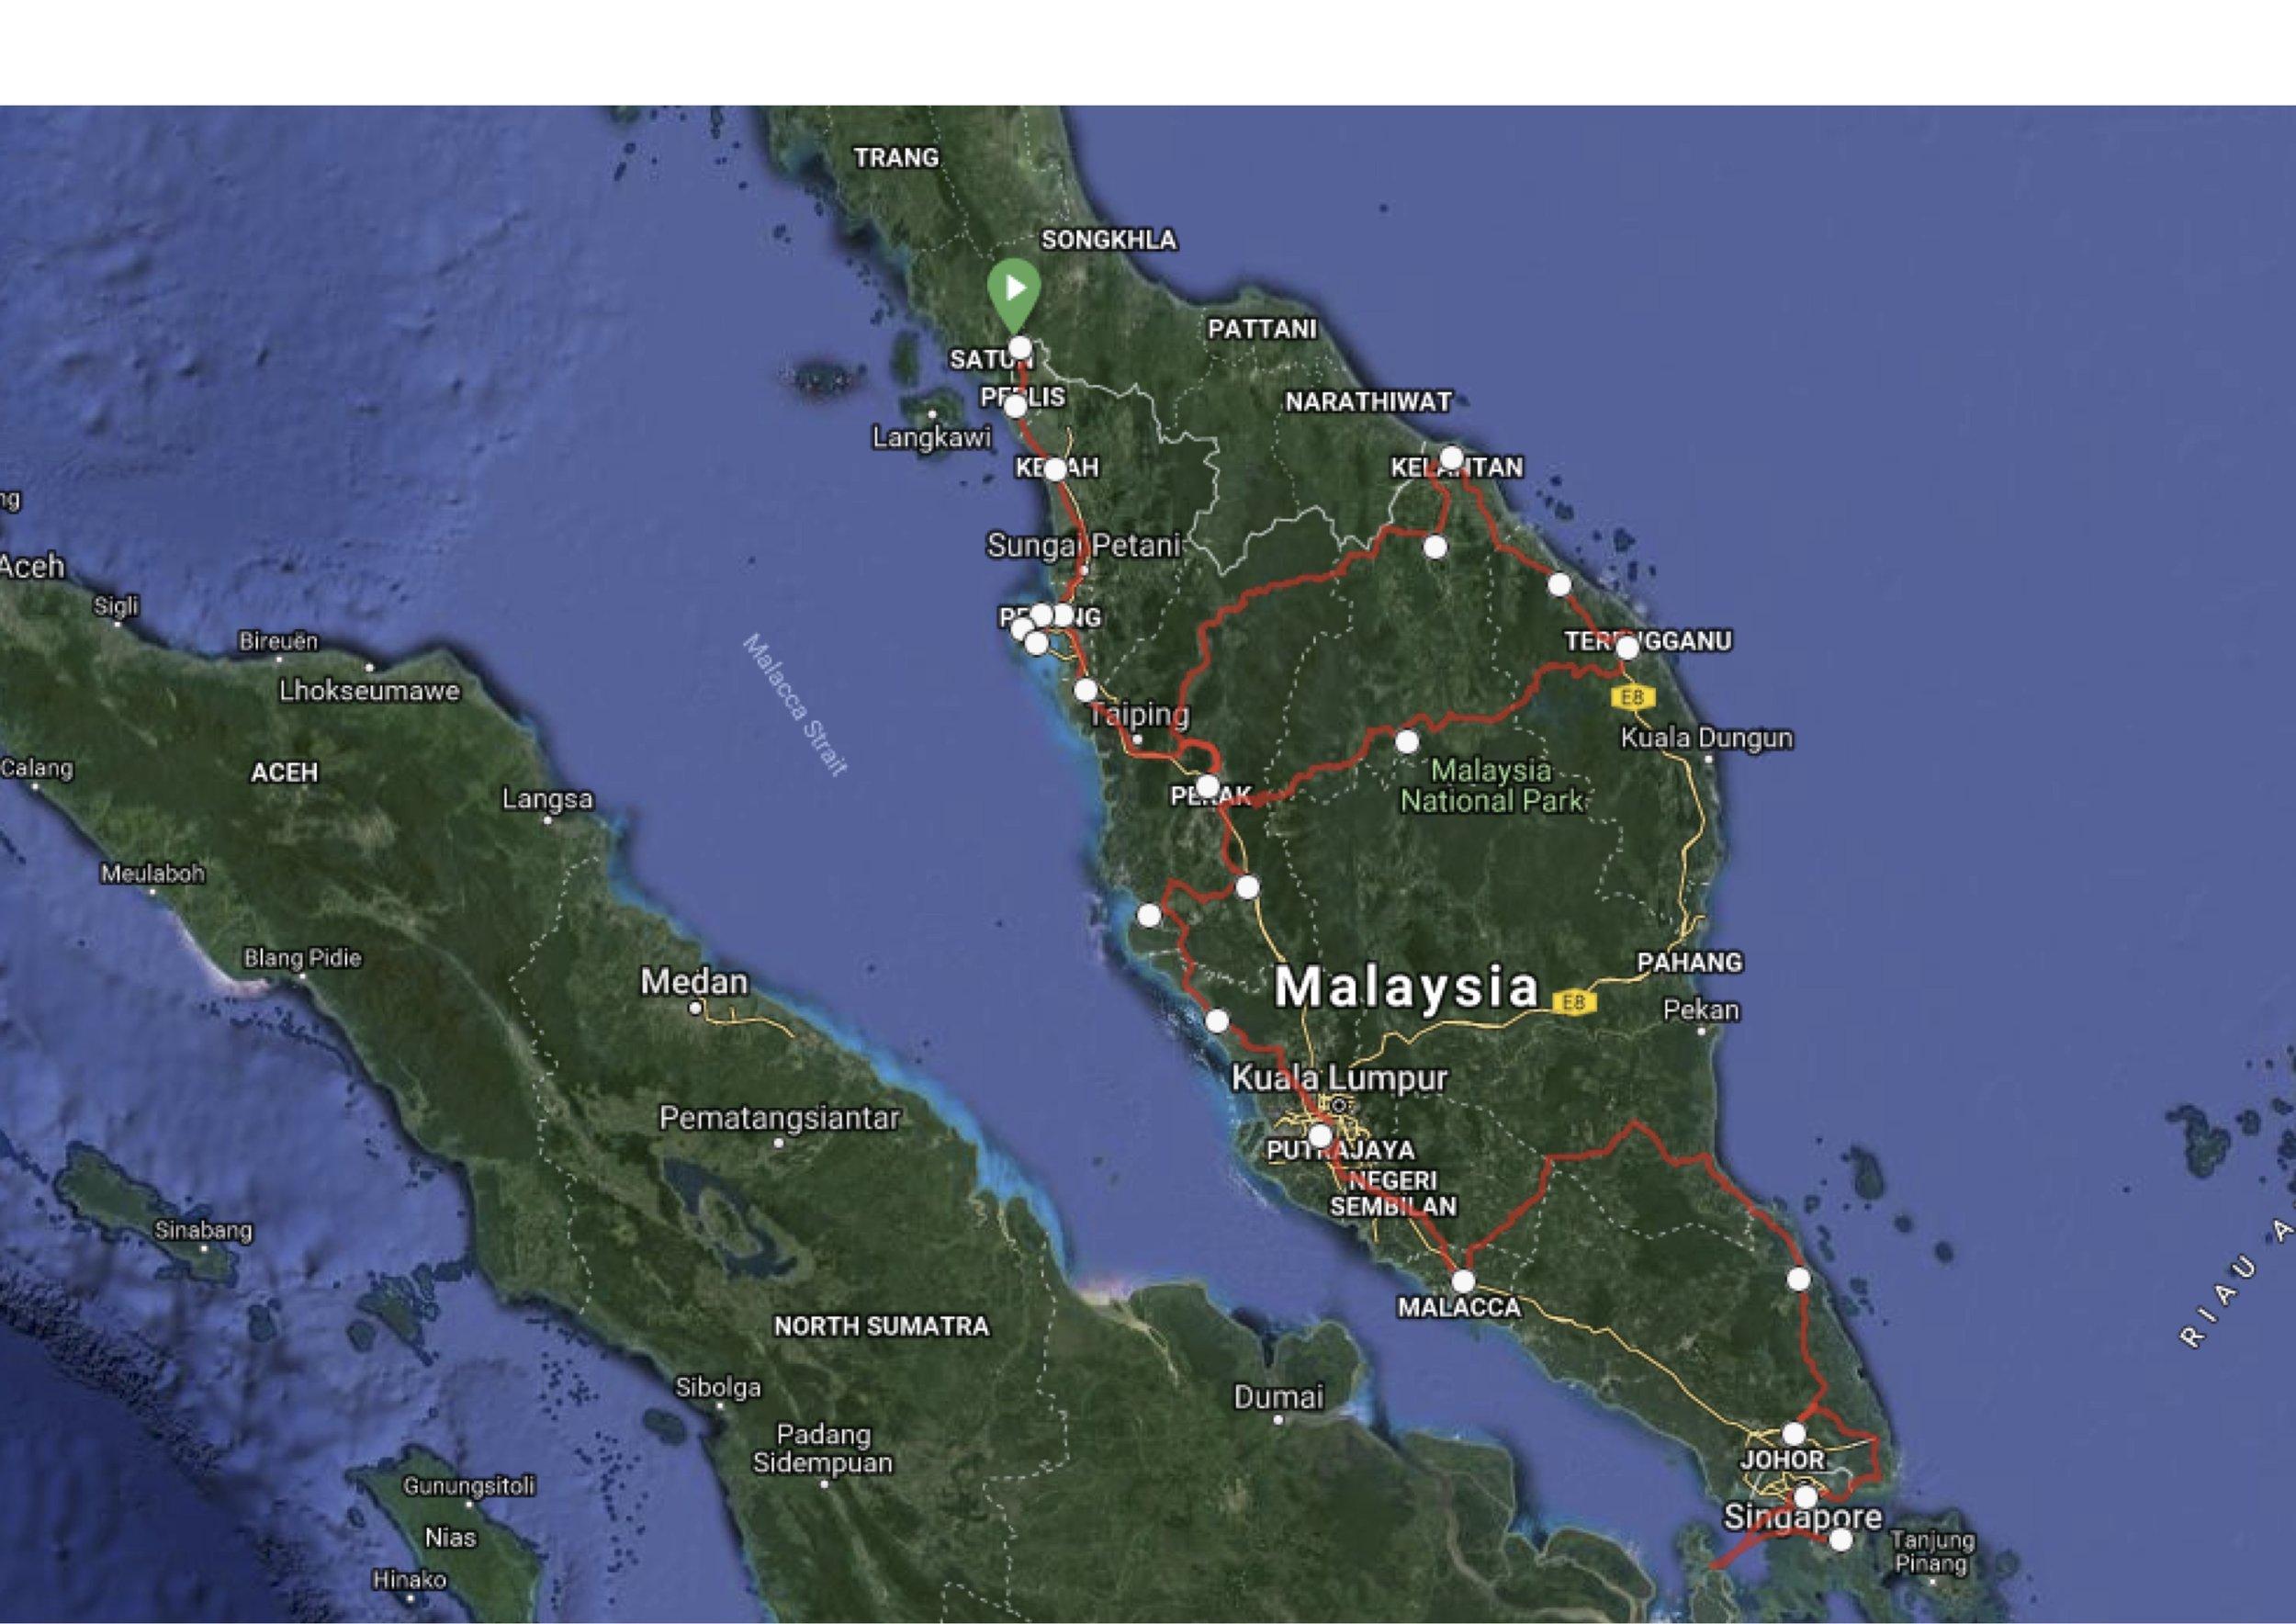 Malaysia & Singapore.jpg